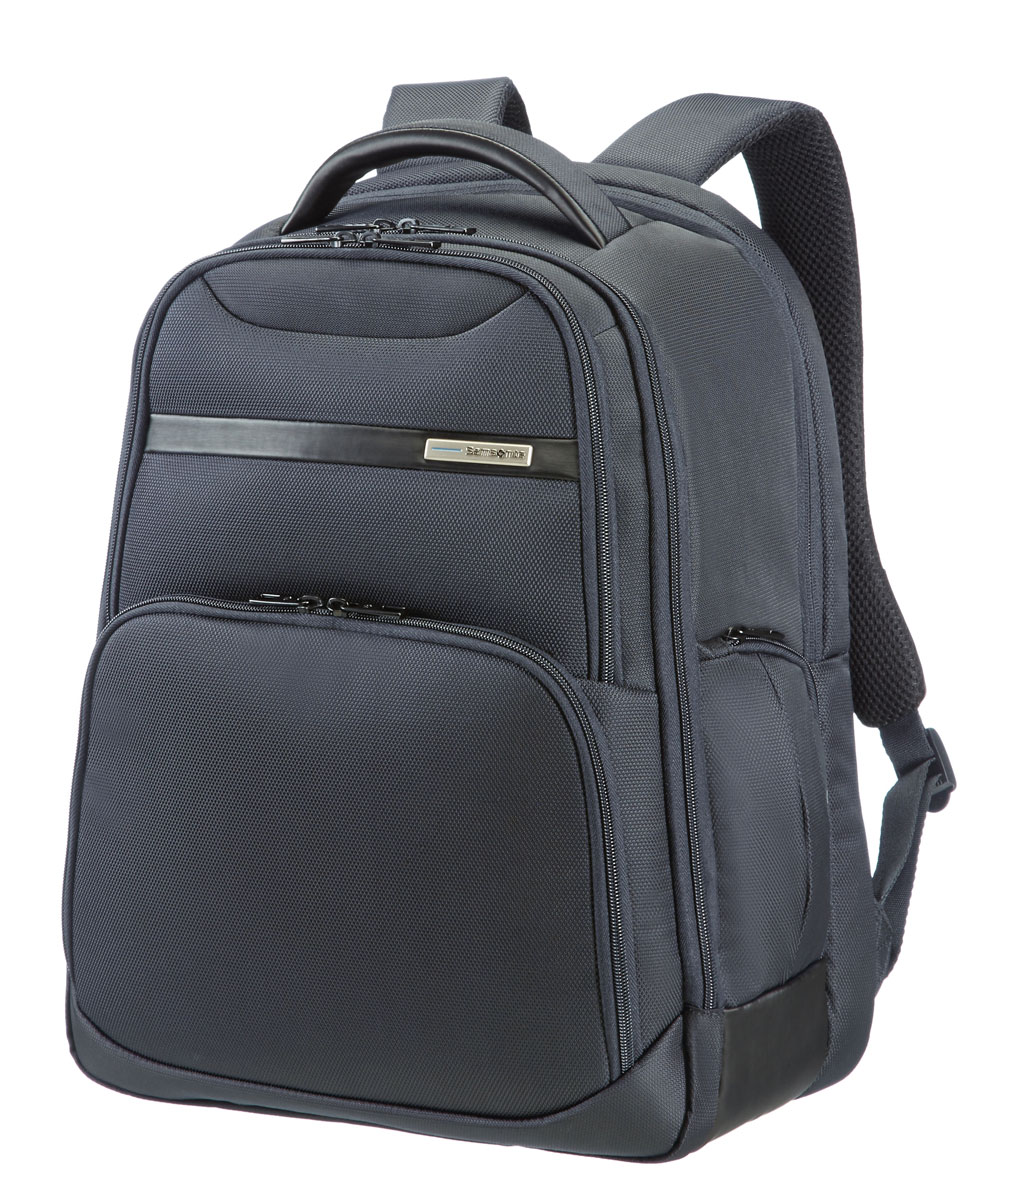 Рюкзак для ноутбука Samsonite, цвет: черный, 27 л, 33,5 х 25 х 44,5 см рюкзак для ноутбука samsonite рюкзак для ноутбука 15 6 2wm 38 5x64 5x18 см